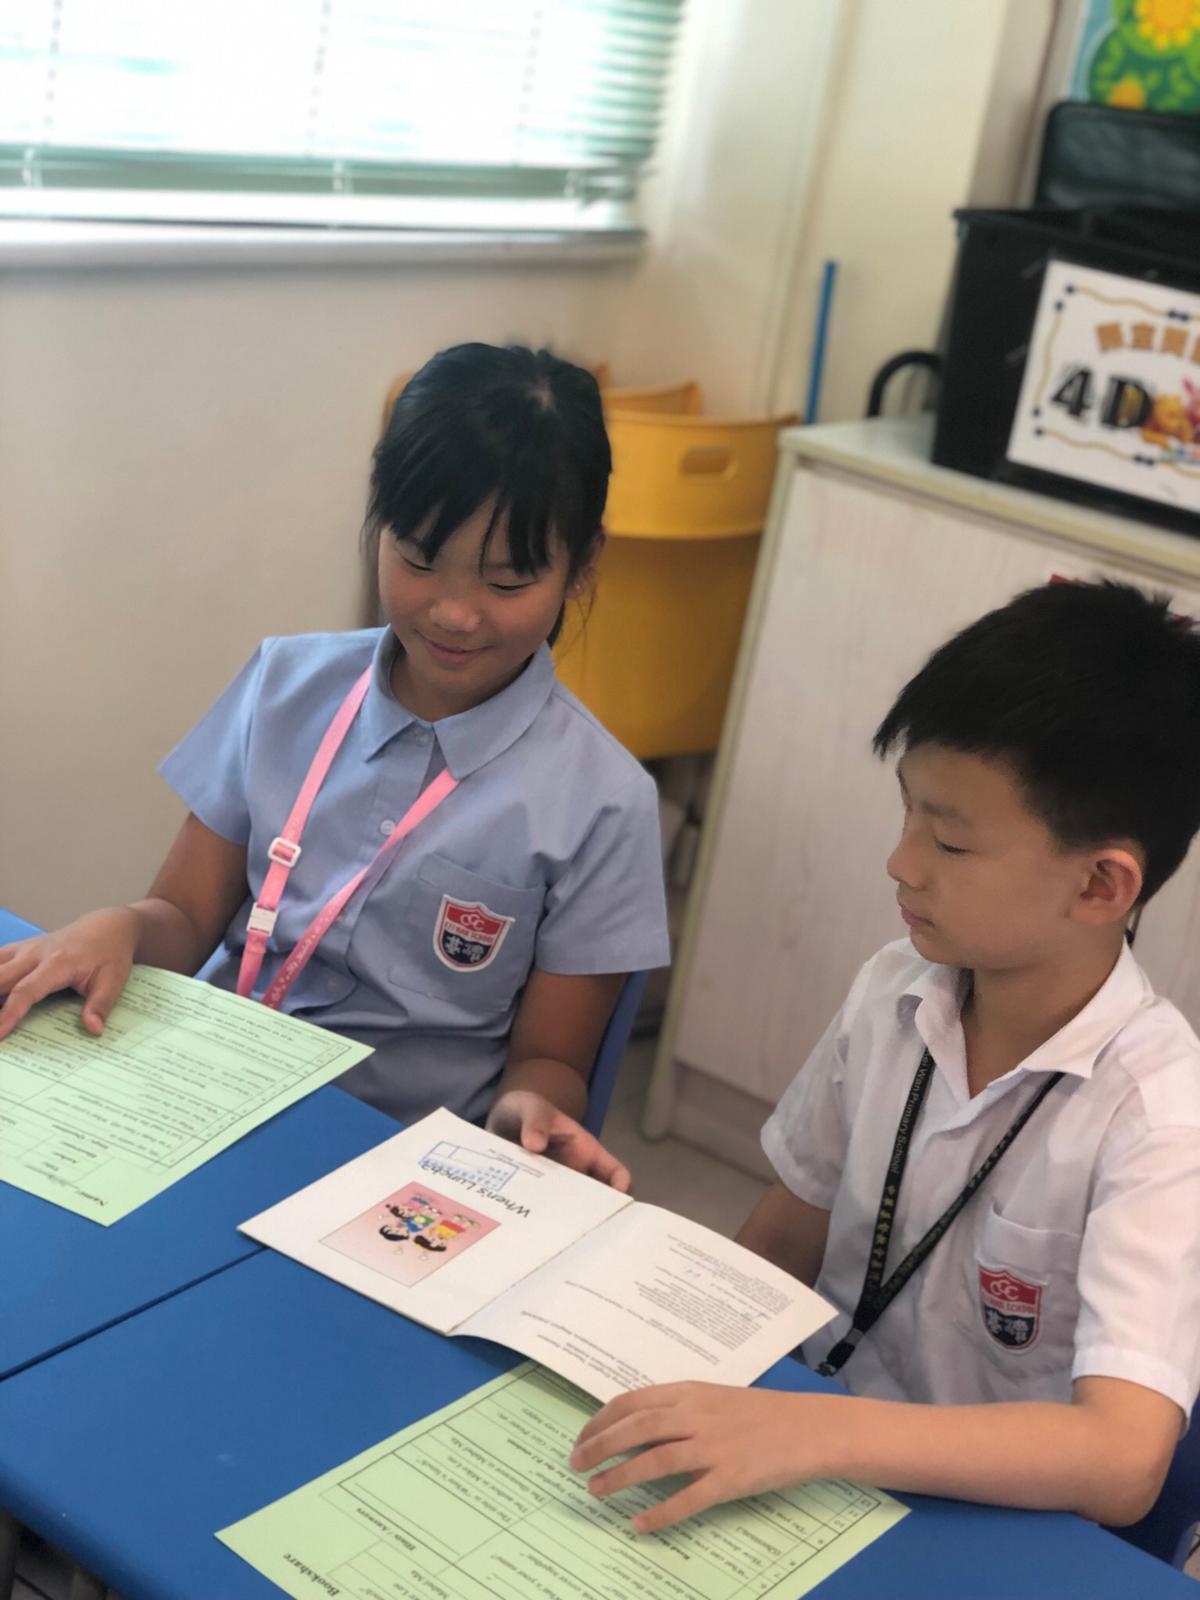 http://www.keiwan.edu.hk/sites/default/files/img-20191005-wa0023.jpg